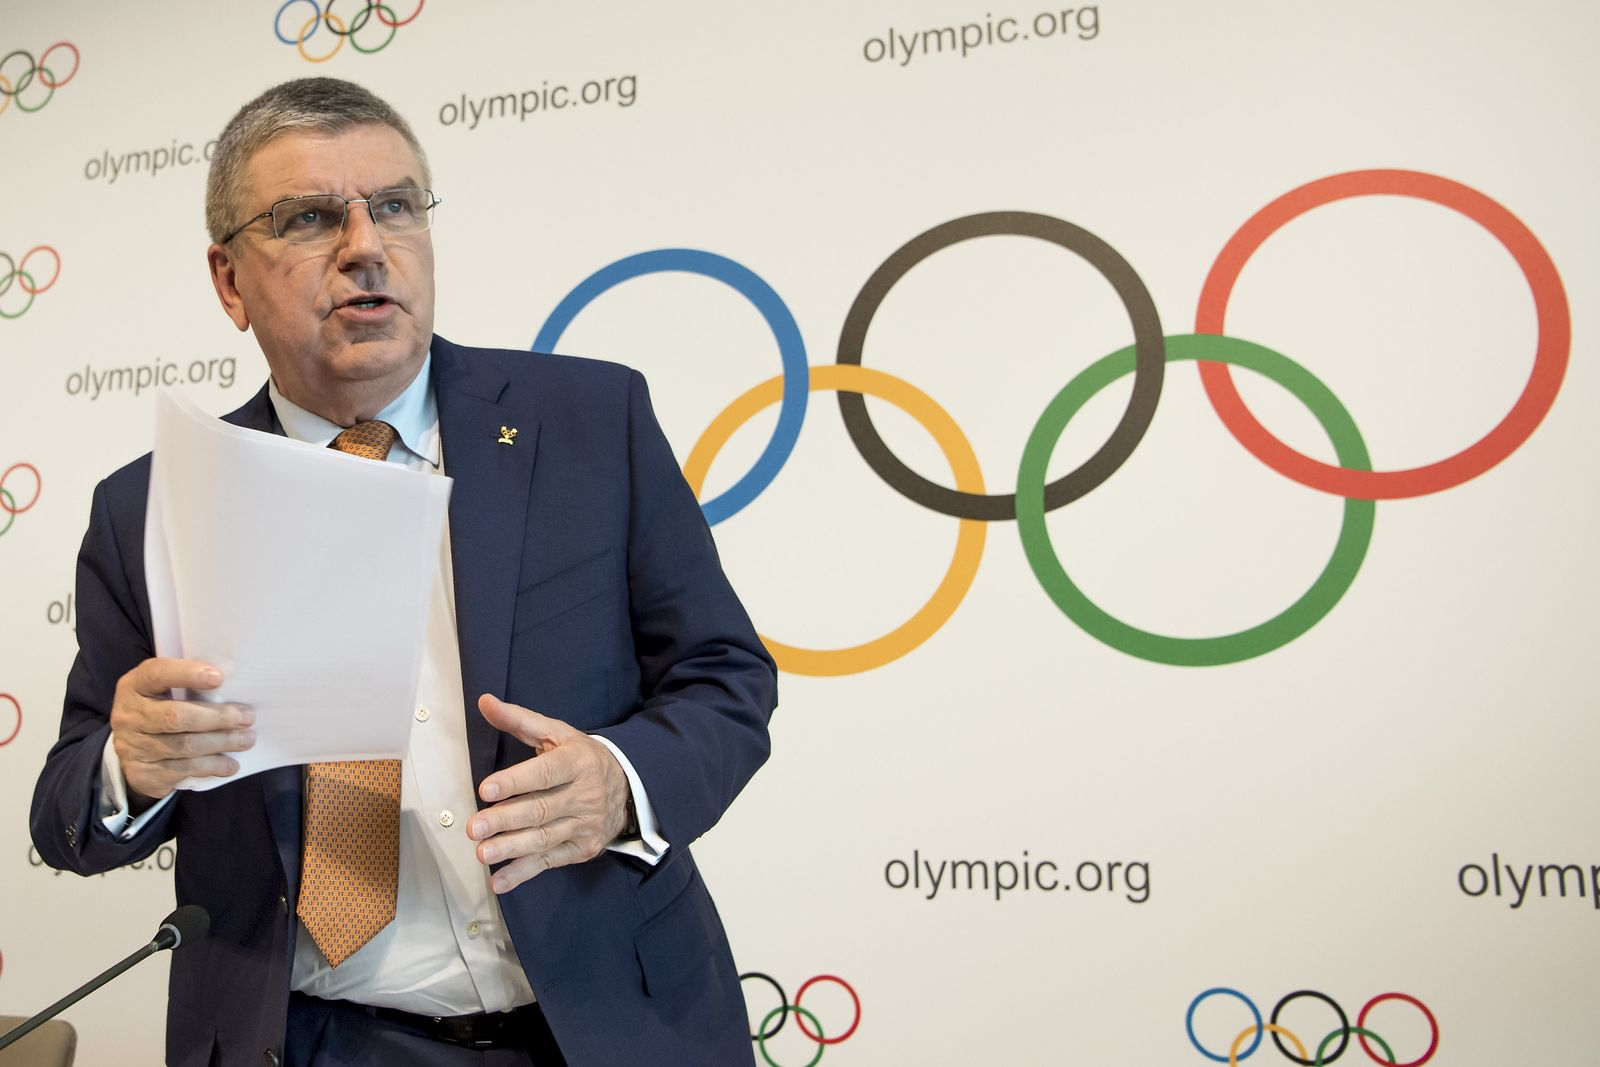 IOC-Exekutive berät über Olympische Spiele 2024 und 2028